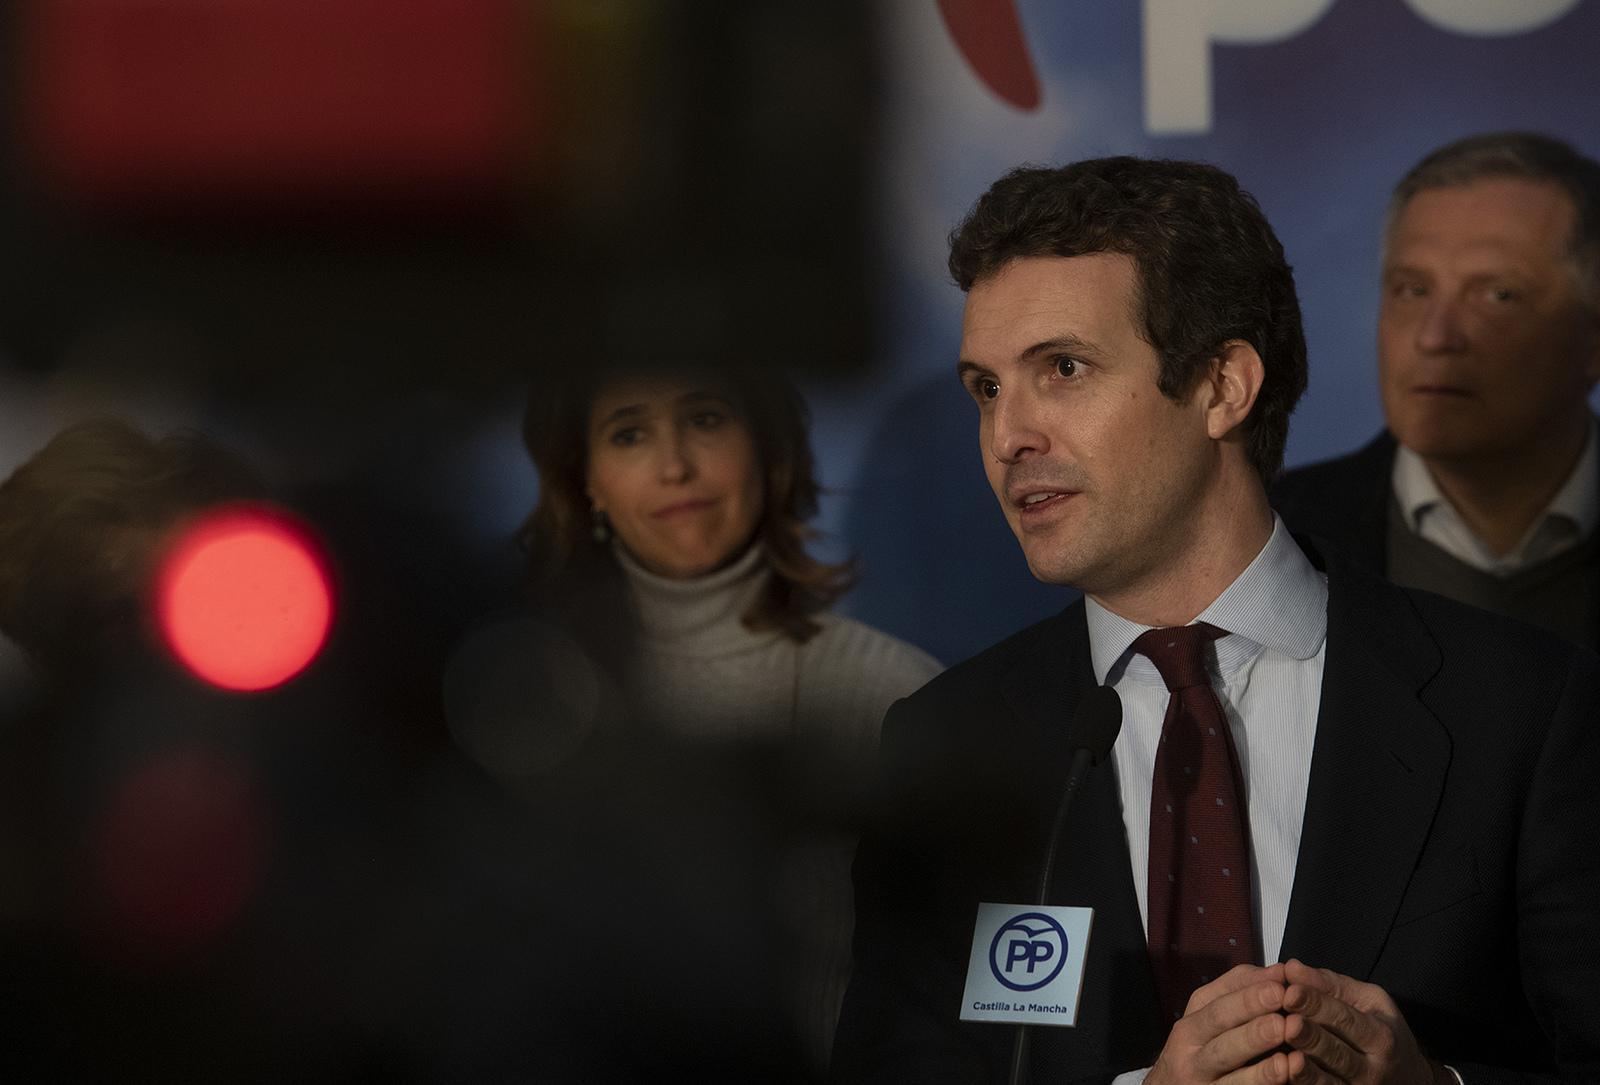 El discurso de Casado recuerda al de Nicolás Maduro / Foto: PP